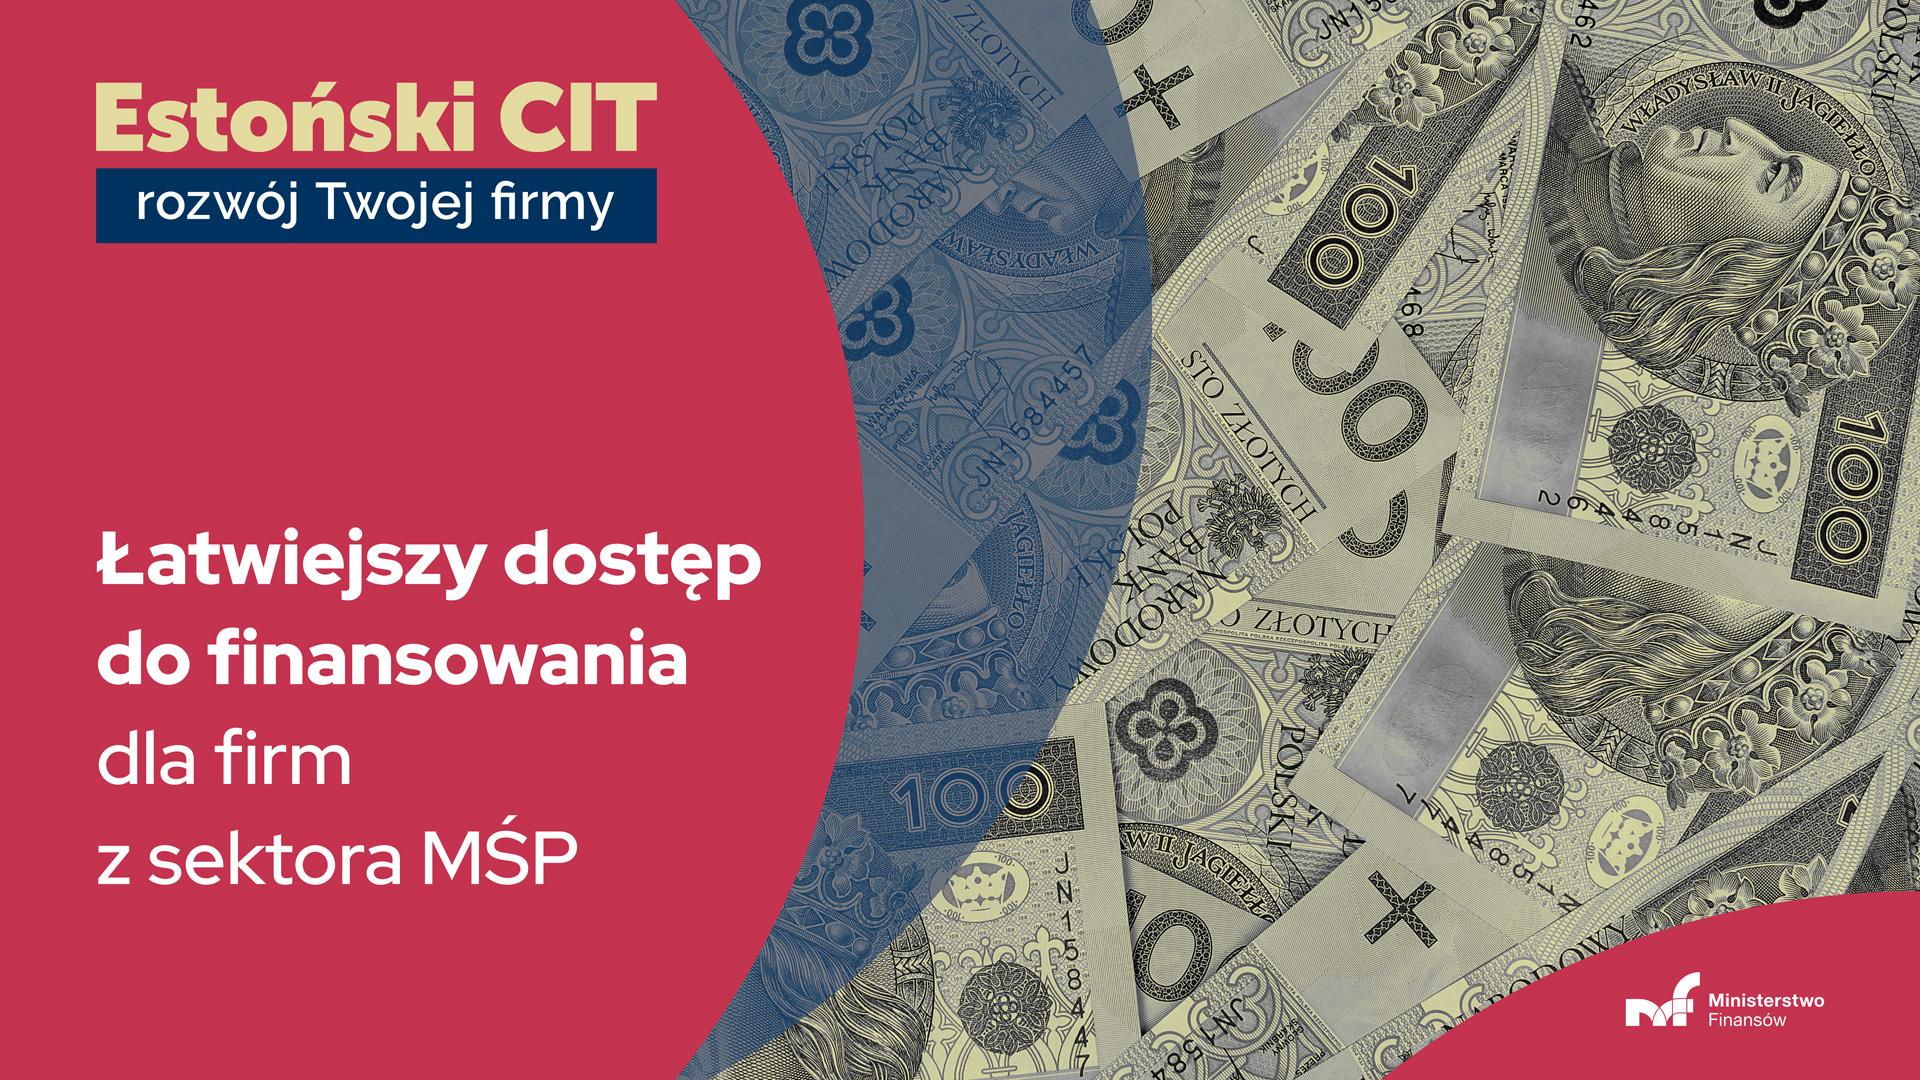 Estoński CIT rozwój Twojej firmy. Łatwiejszy dostęp do finansowania dla firm z sektora MŚP